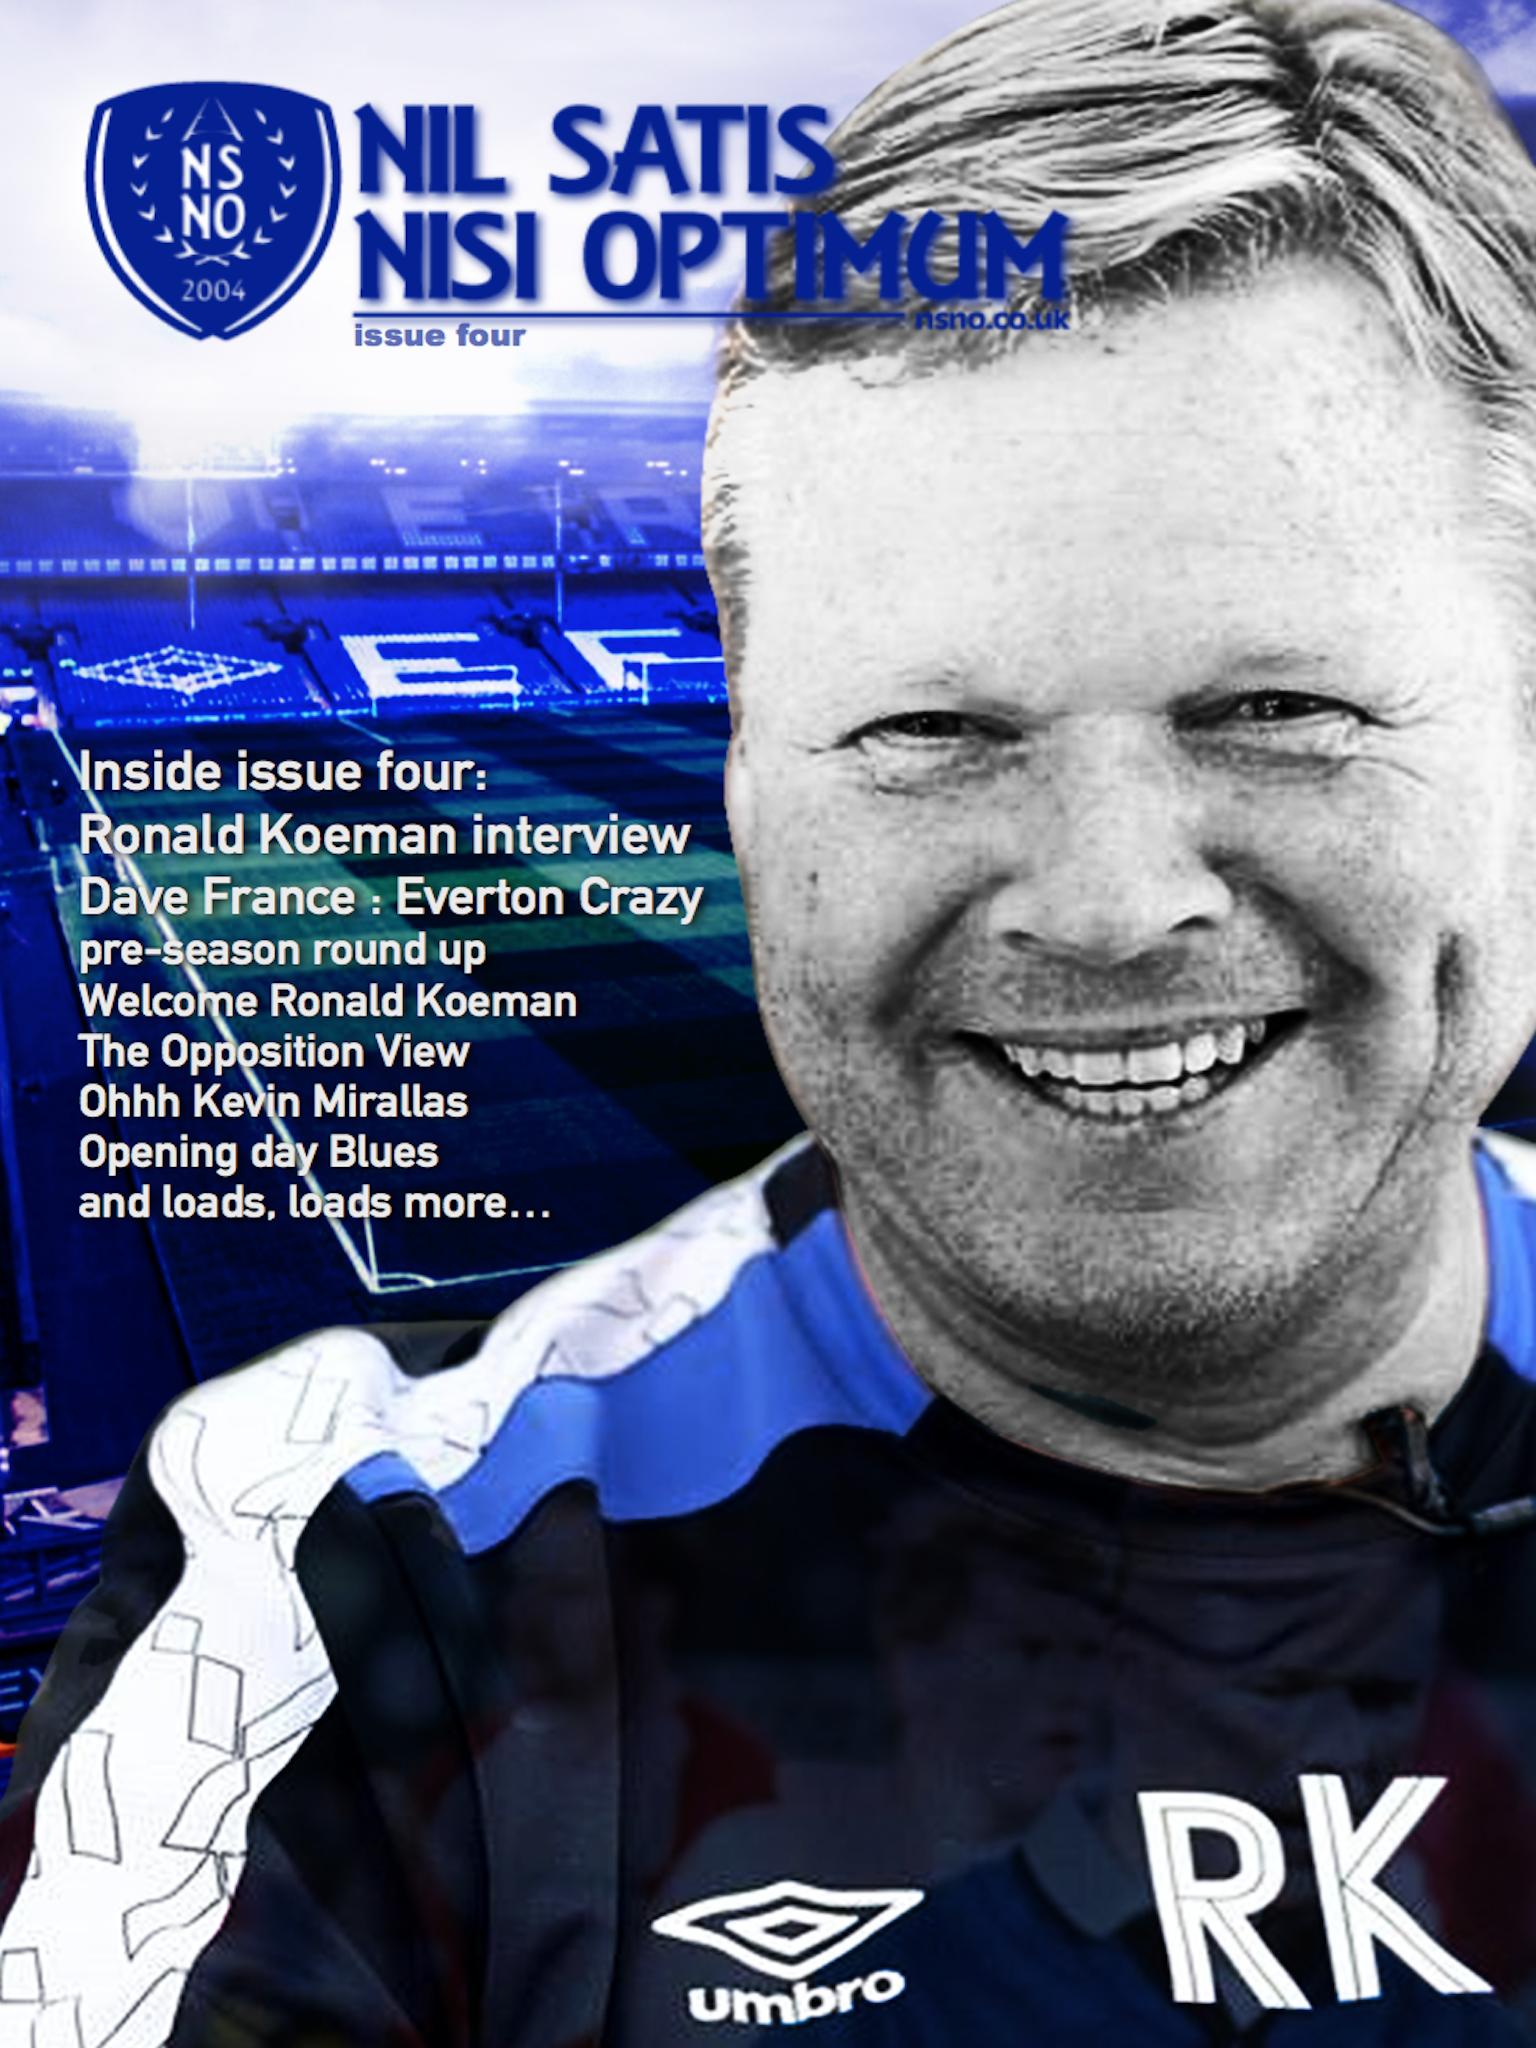 NSNO Fanzine Issue Four